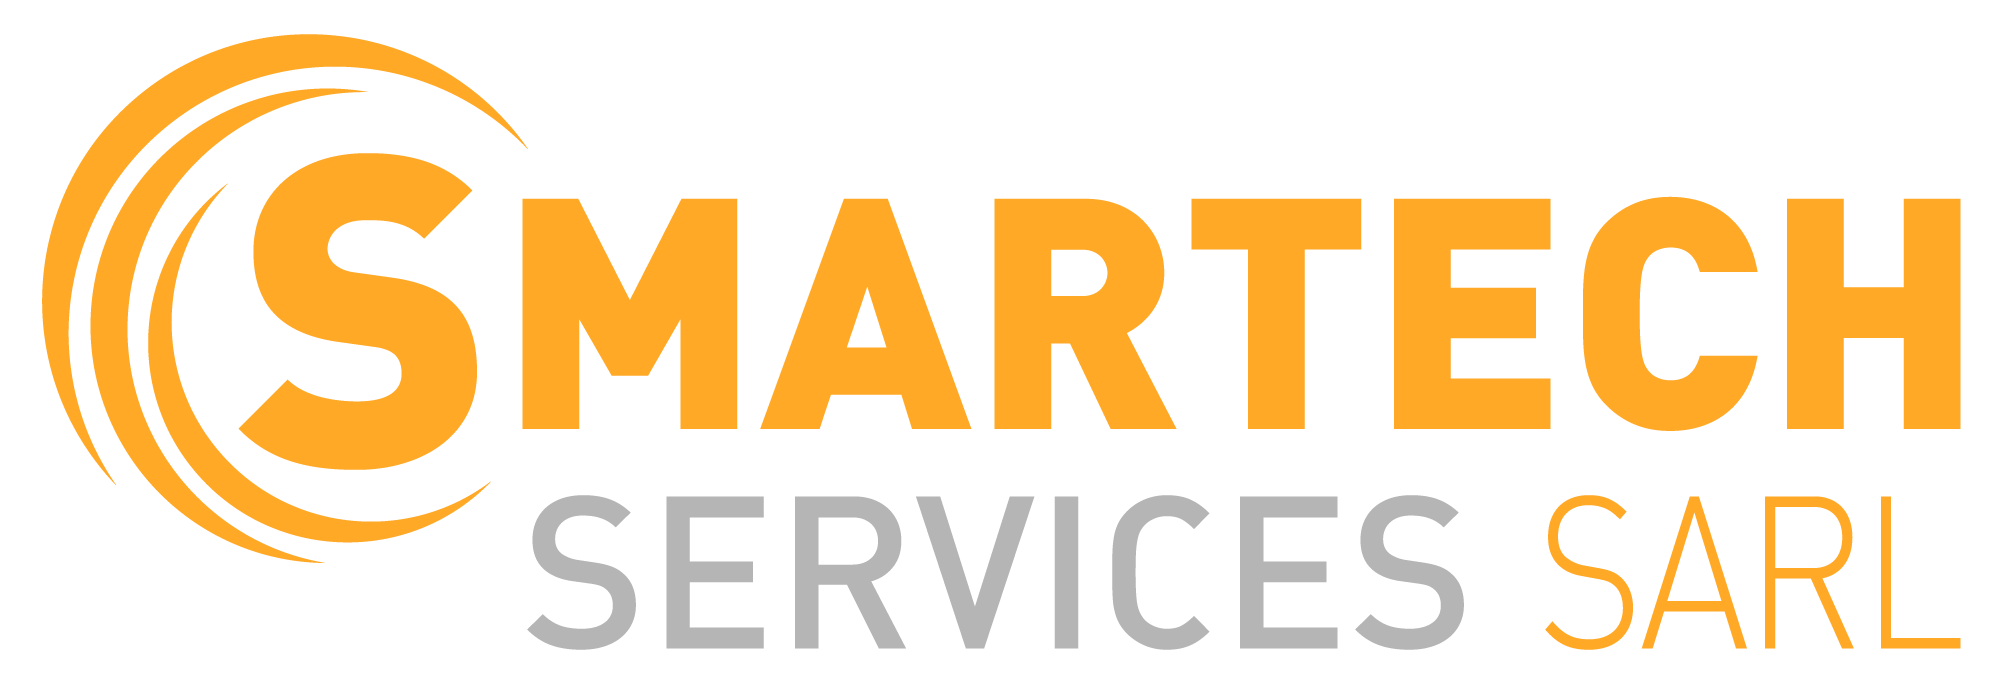 Smartech Services